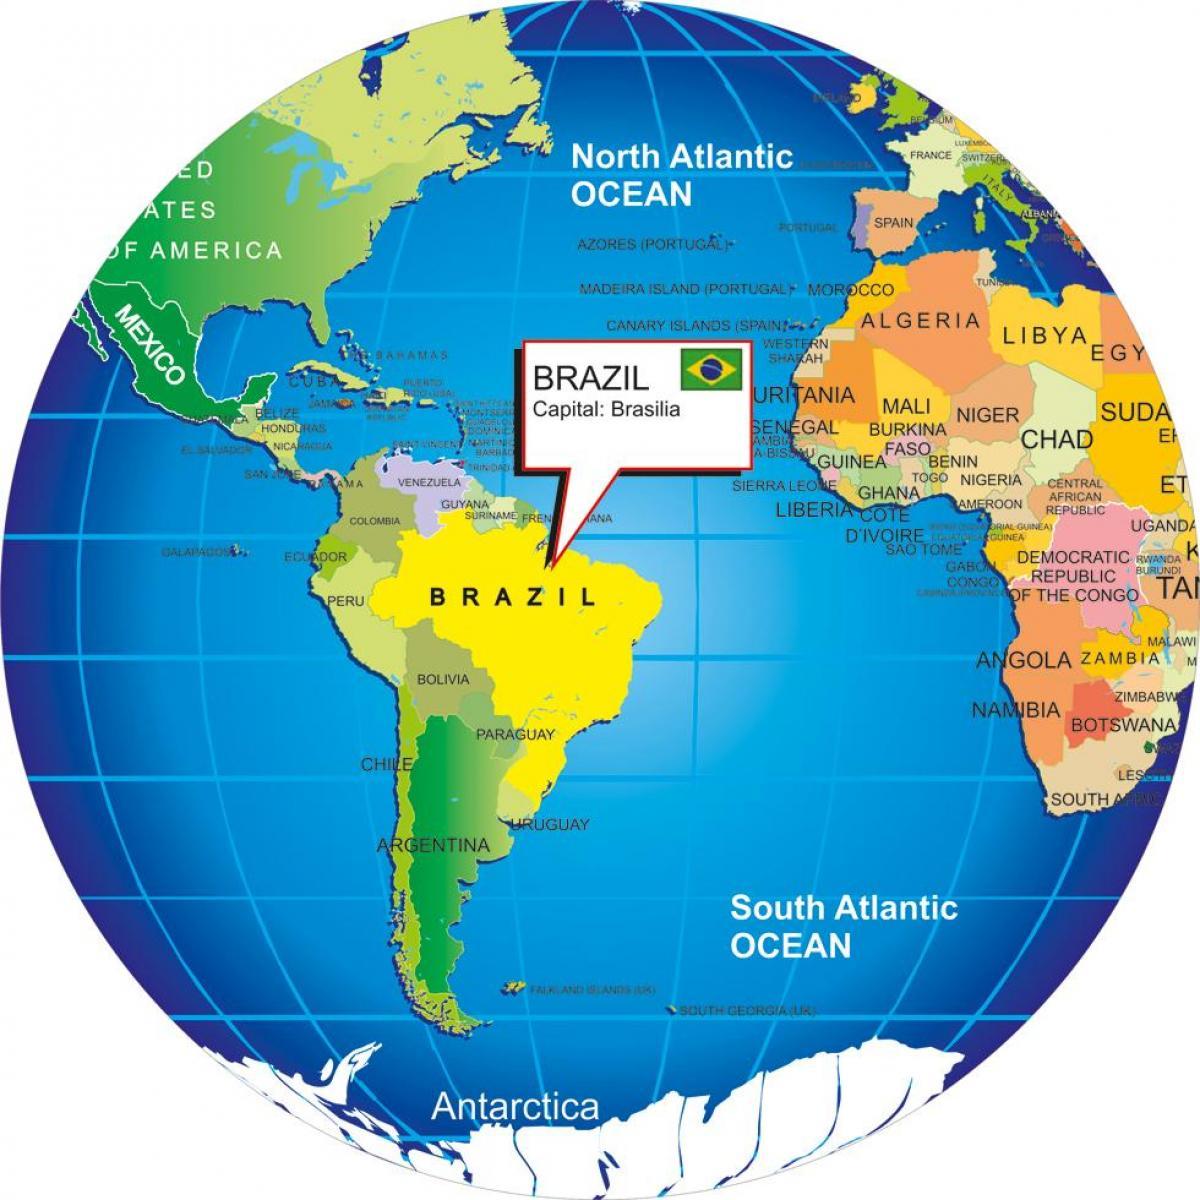 Brasilien Karte Welt.Welt Karte Von Brasilien Weltkarte Mit Brasilien South America